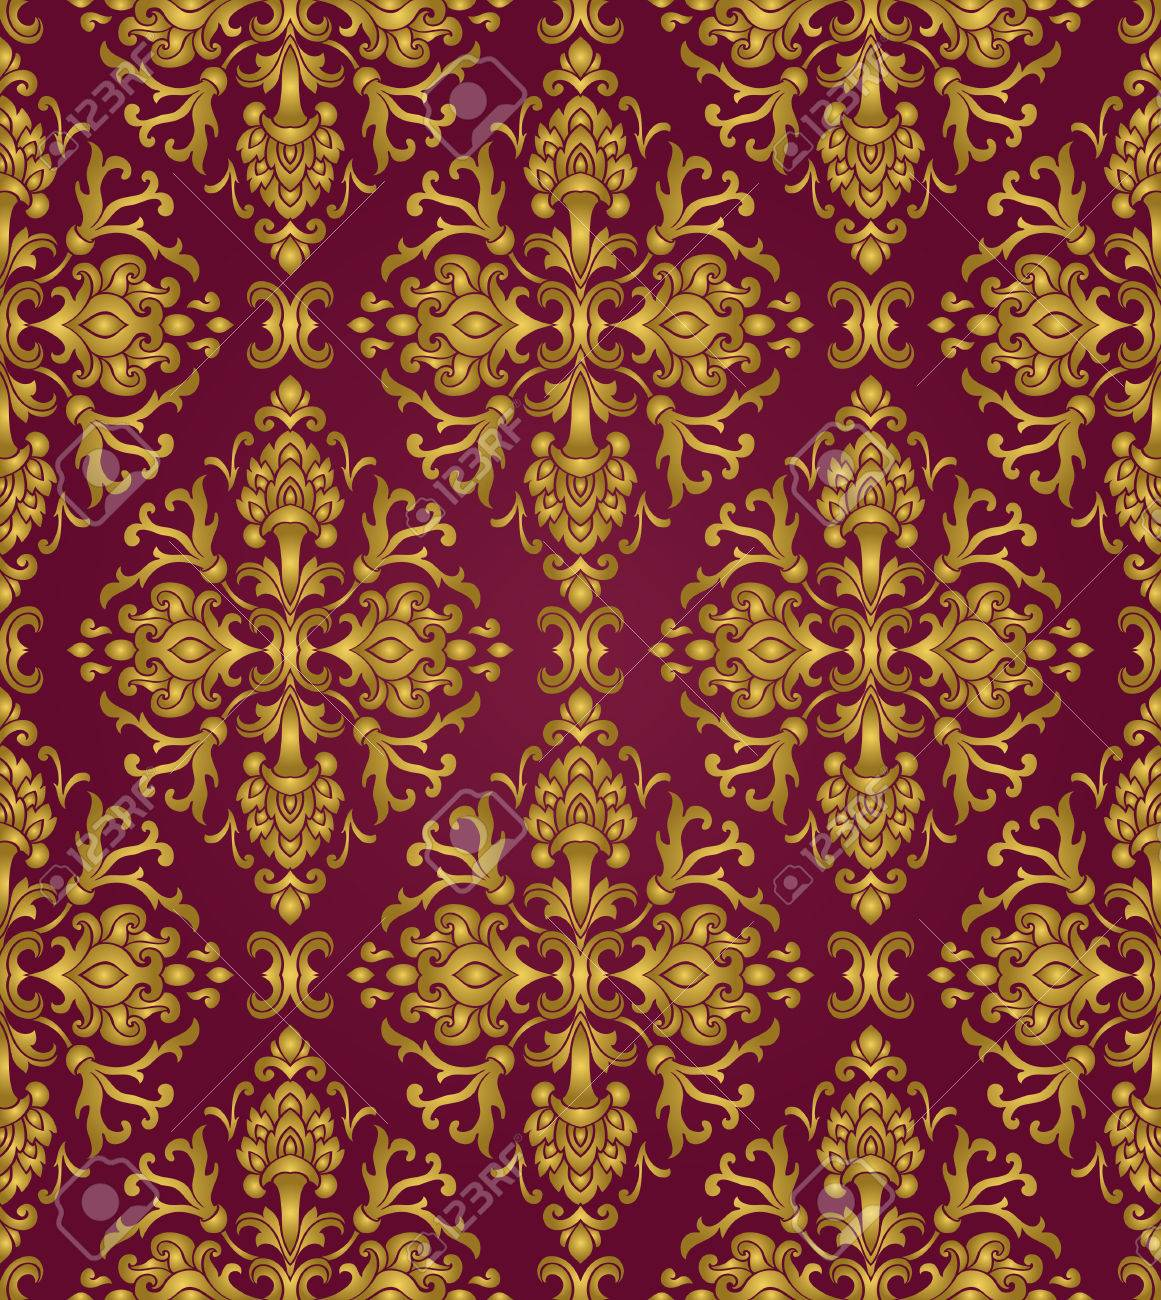 Tapete Marrakesh Turkisblau Tapeten Der 70er 14